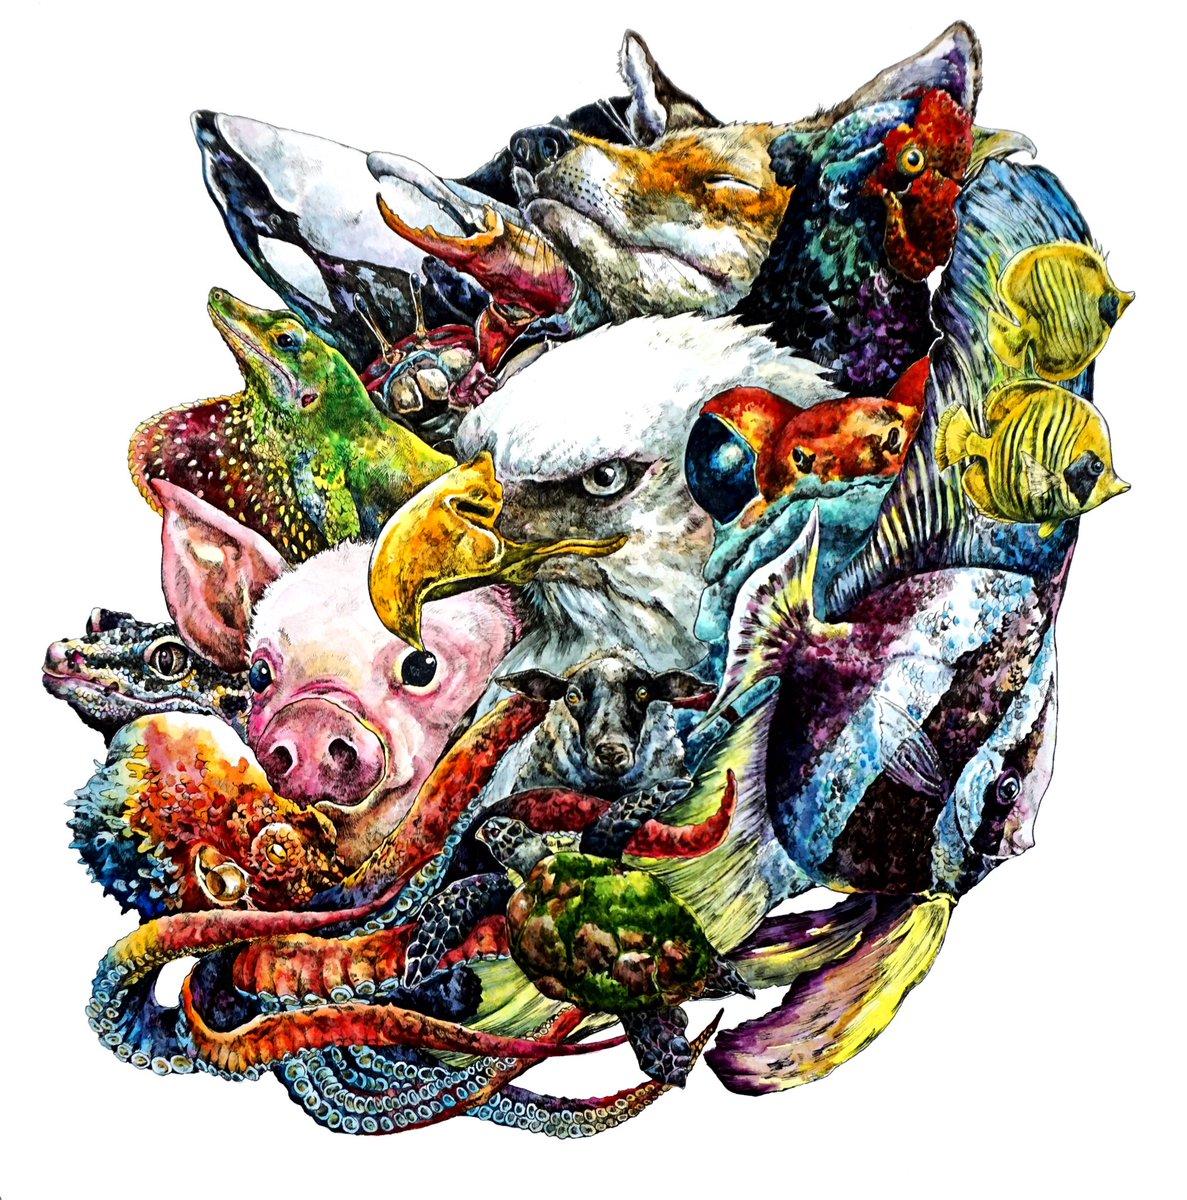 動物のイラストだけで興味を持ってくれる方へ届け hashtag on twitter